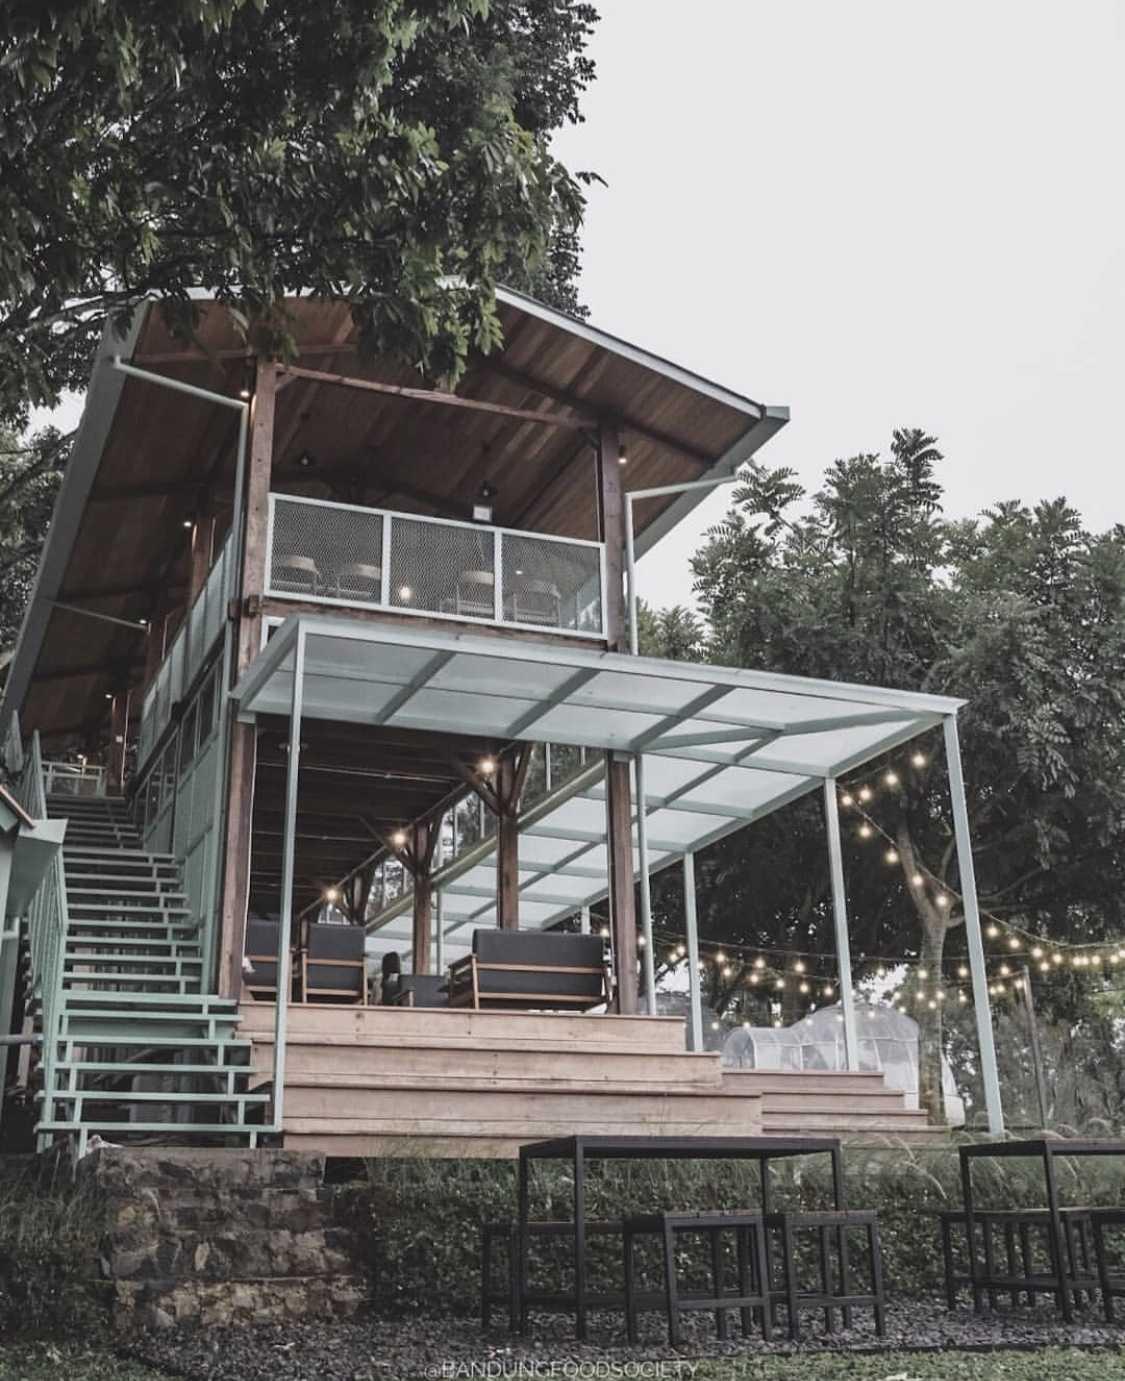 Kafe di tengah hutan, Utara Café Karya Wandi Uwa Krisdian (Sumber: arsitag.com)